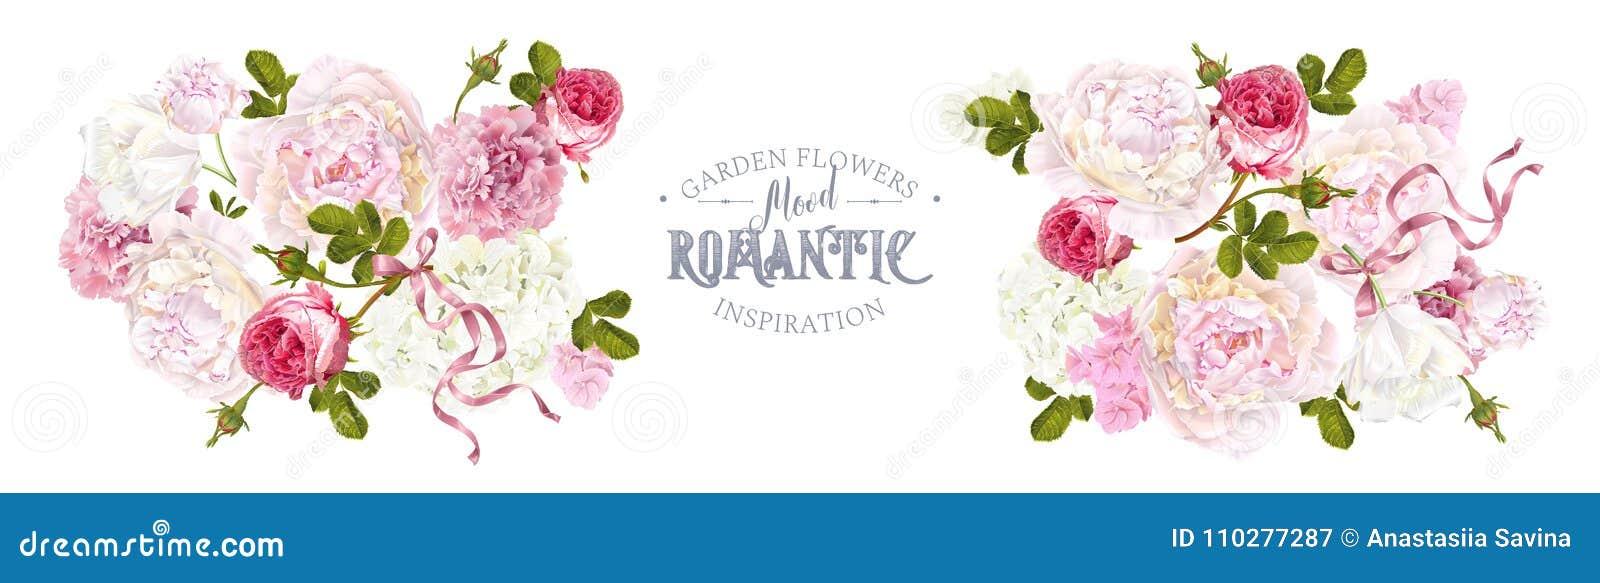 Jardín romántico horizontal